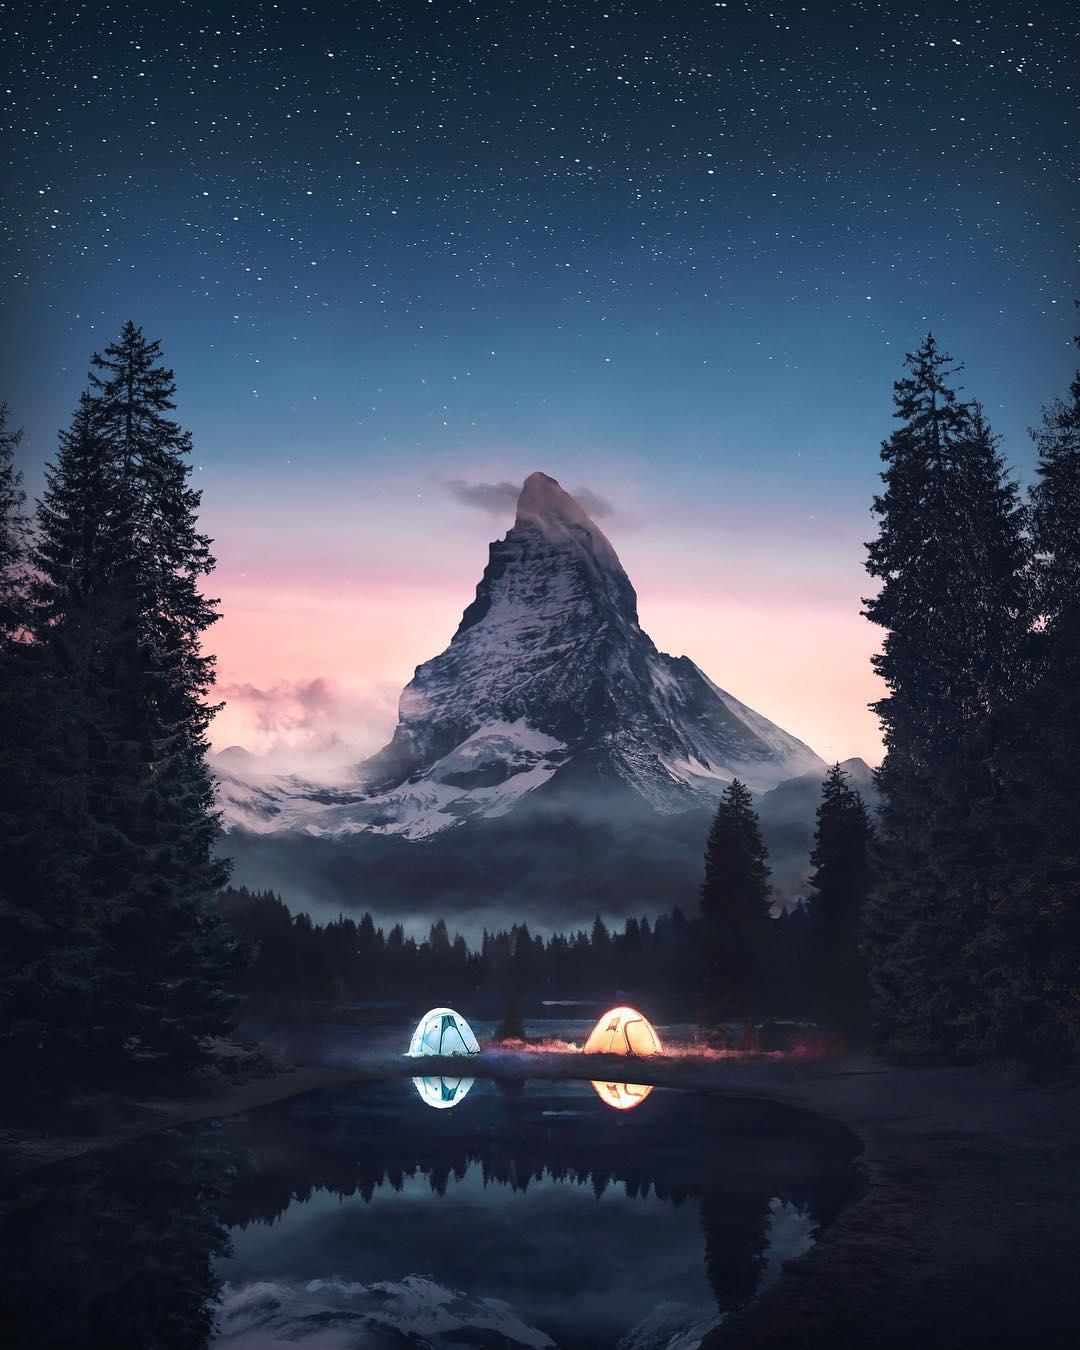 超现实主义的风景图后期创意合成作品